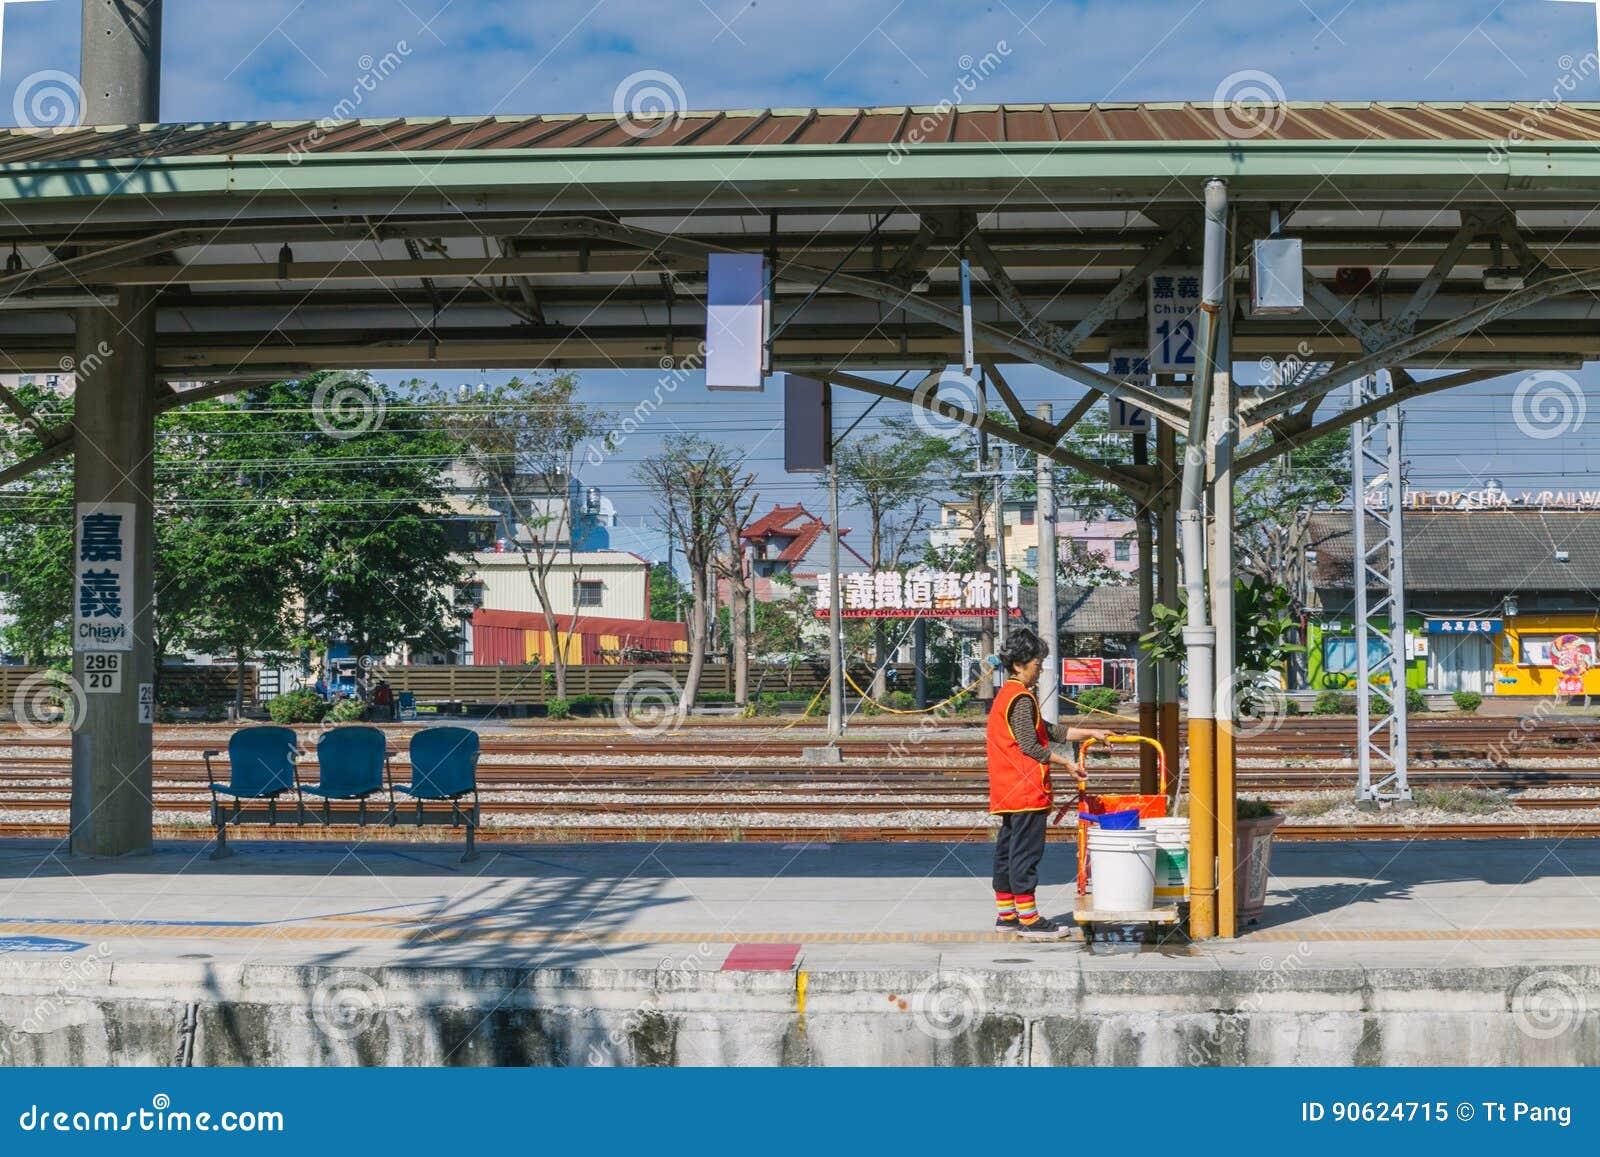 Estação de Taichung, uma estação de trem de taichung a Alishan na estrada de ferro de Taiwan em um dia ensolarado com um pessoal